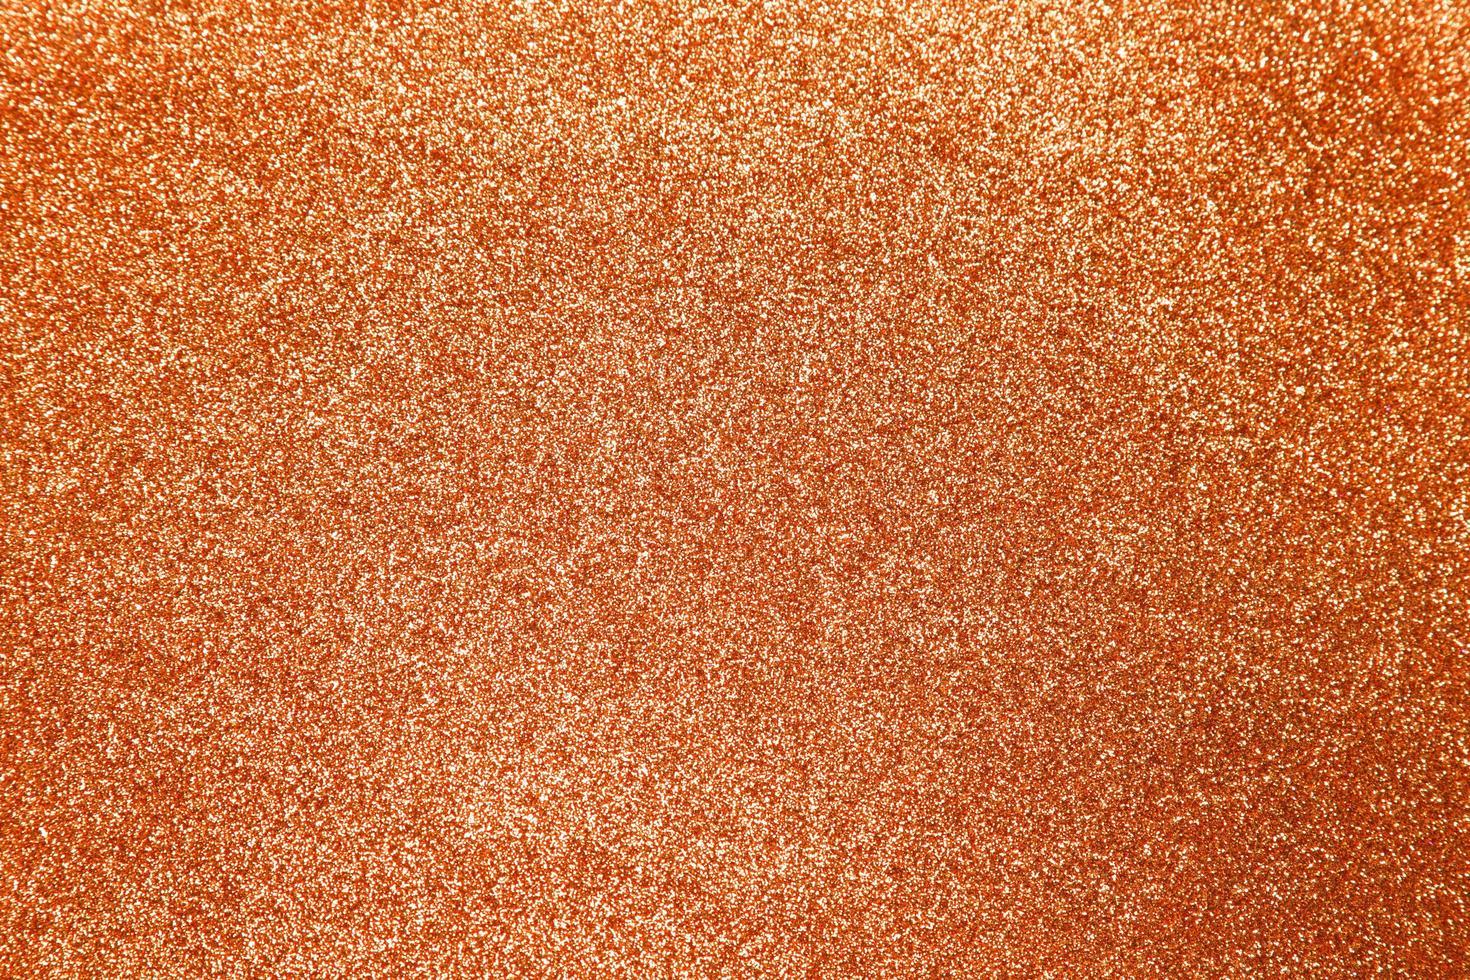 orange glitzernder glänzender Texturhintergrund foto